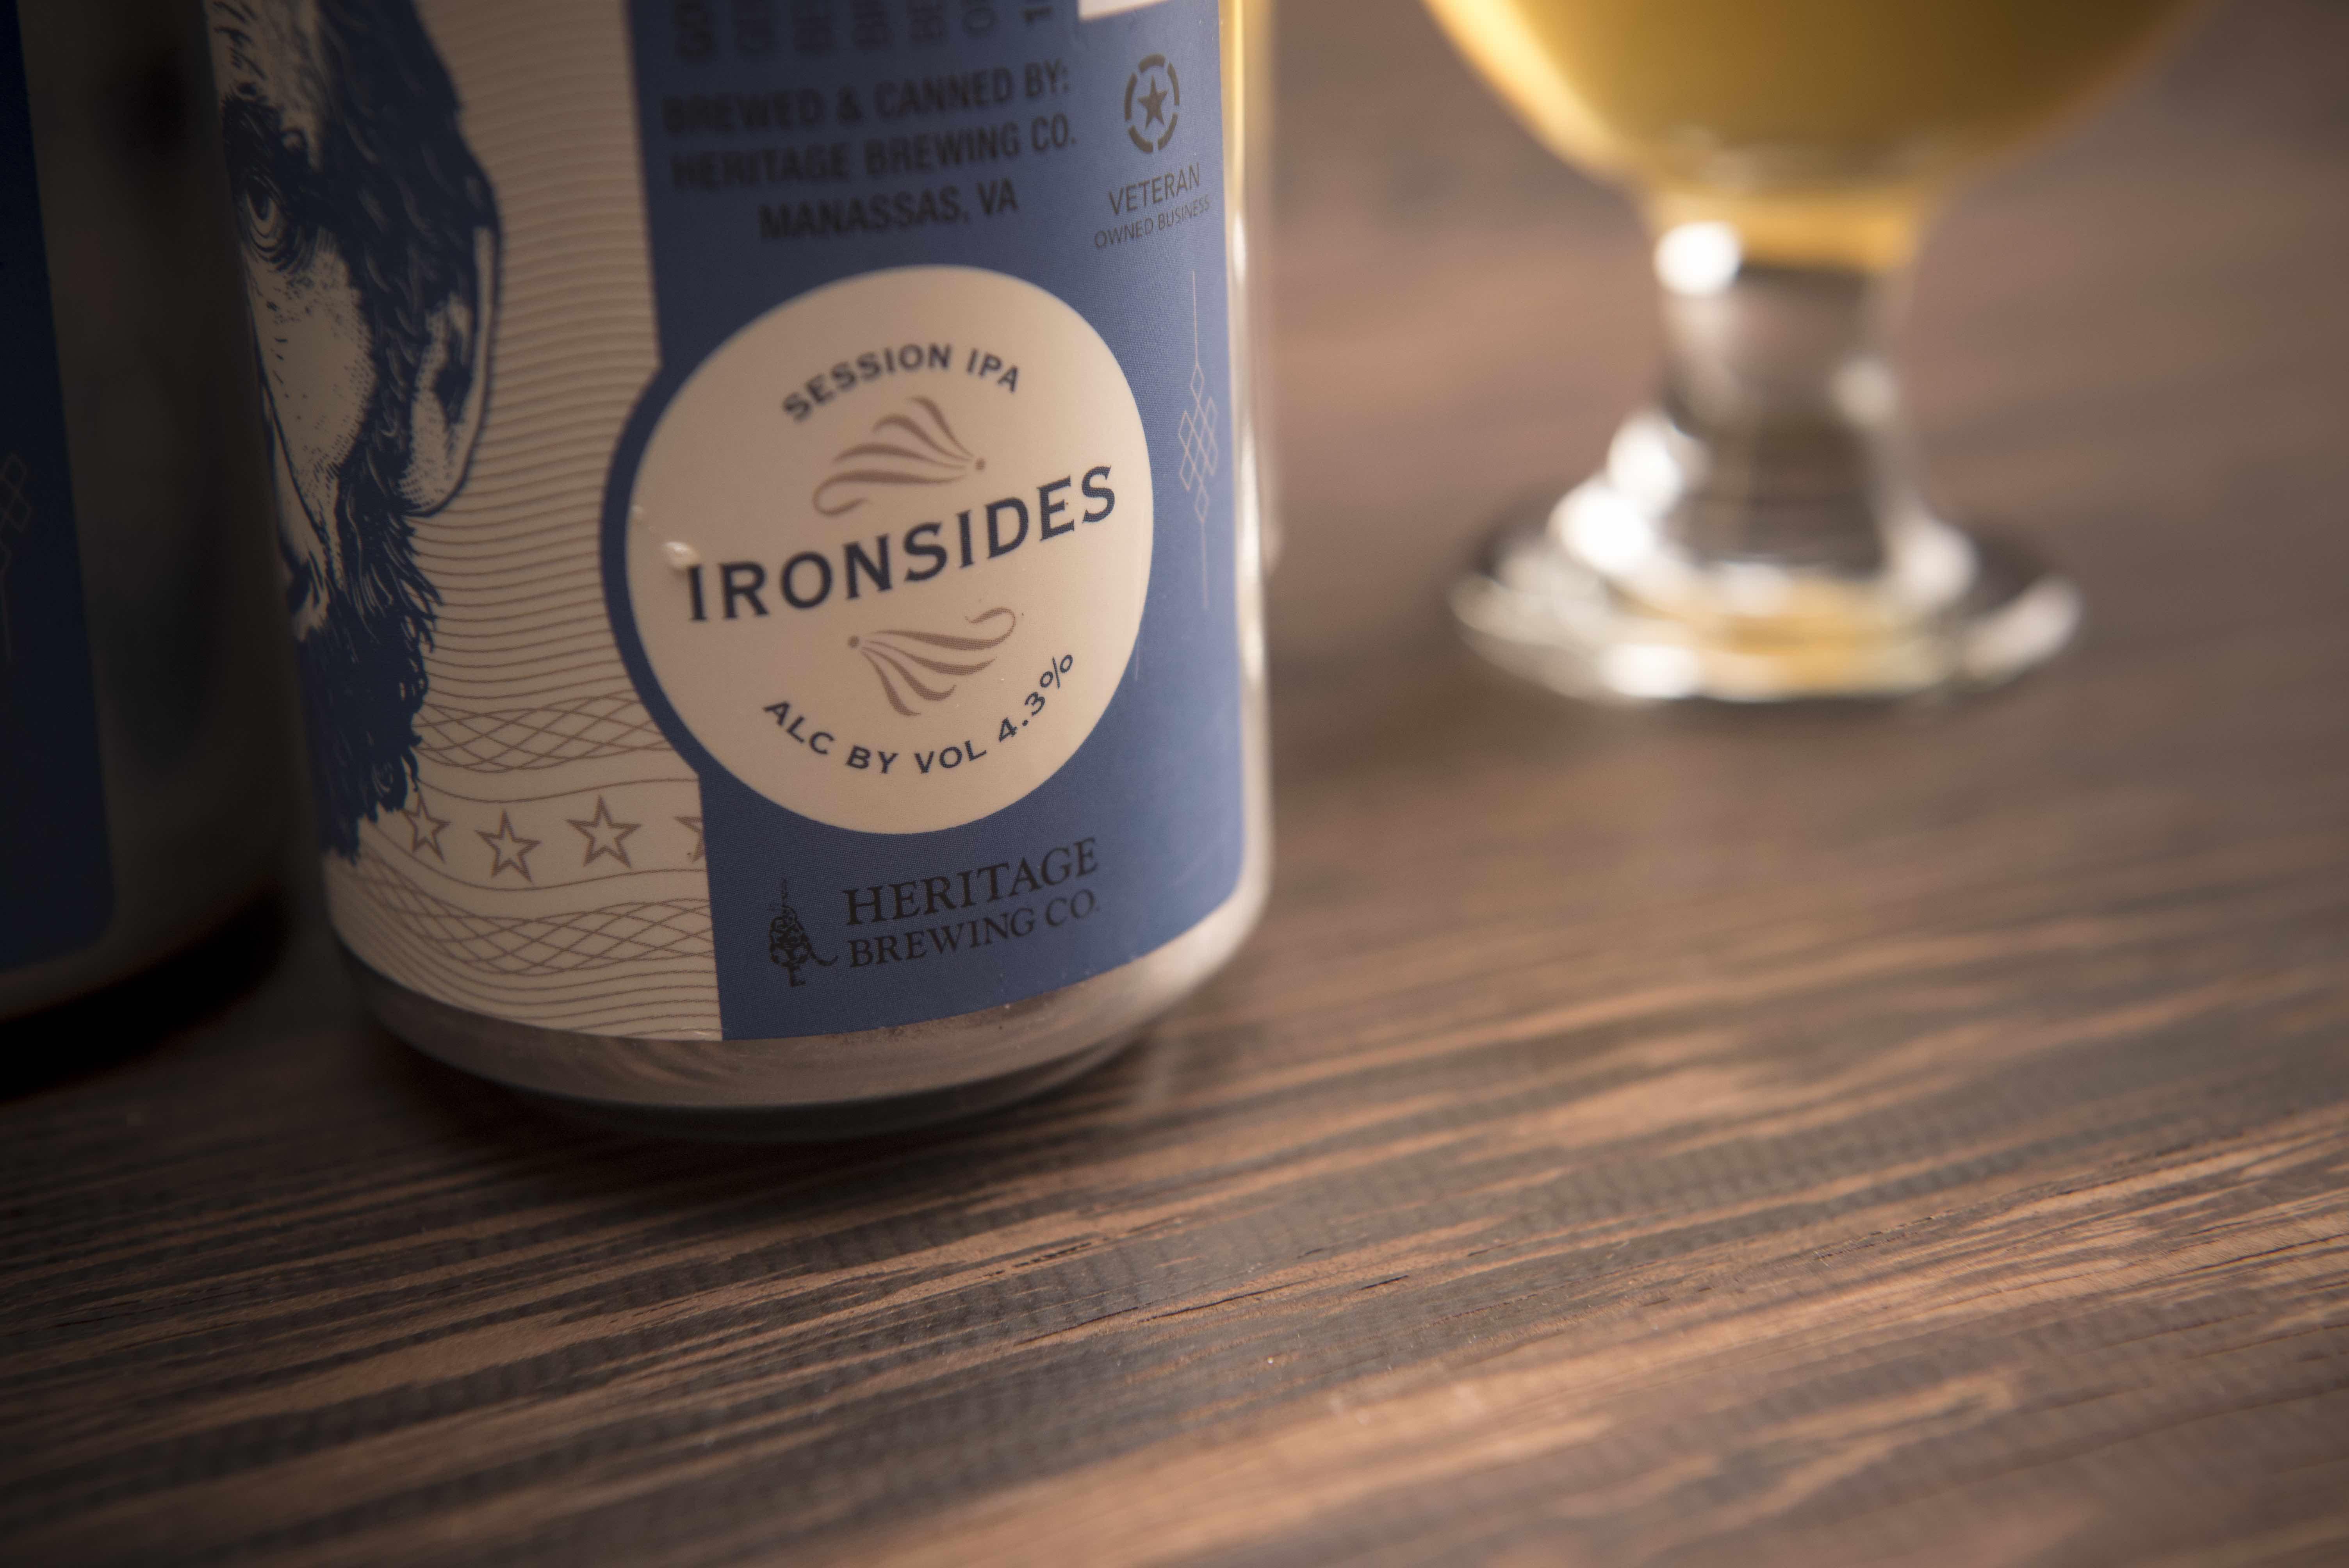 Ironsides Product Image 4